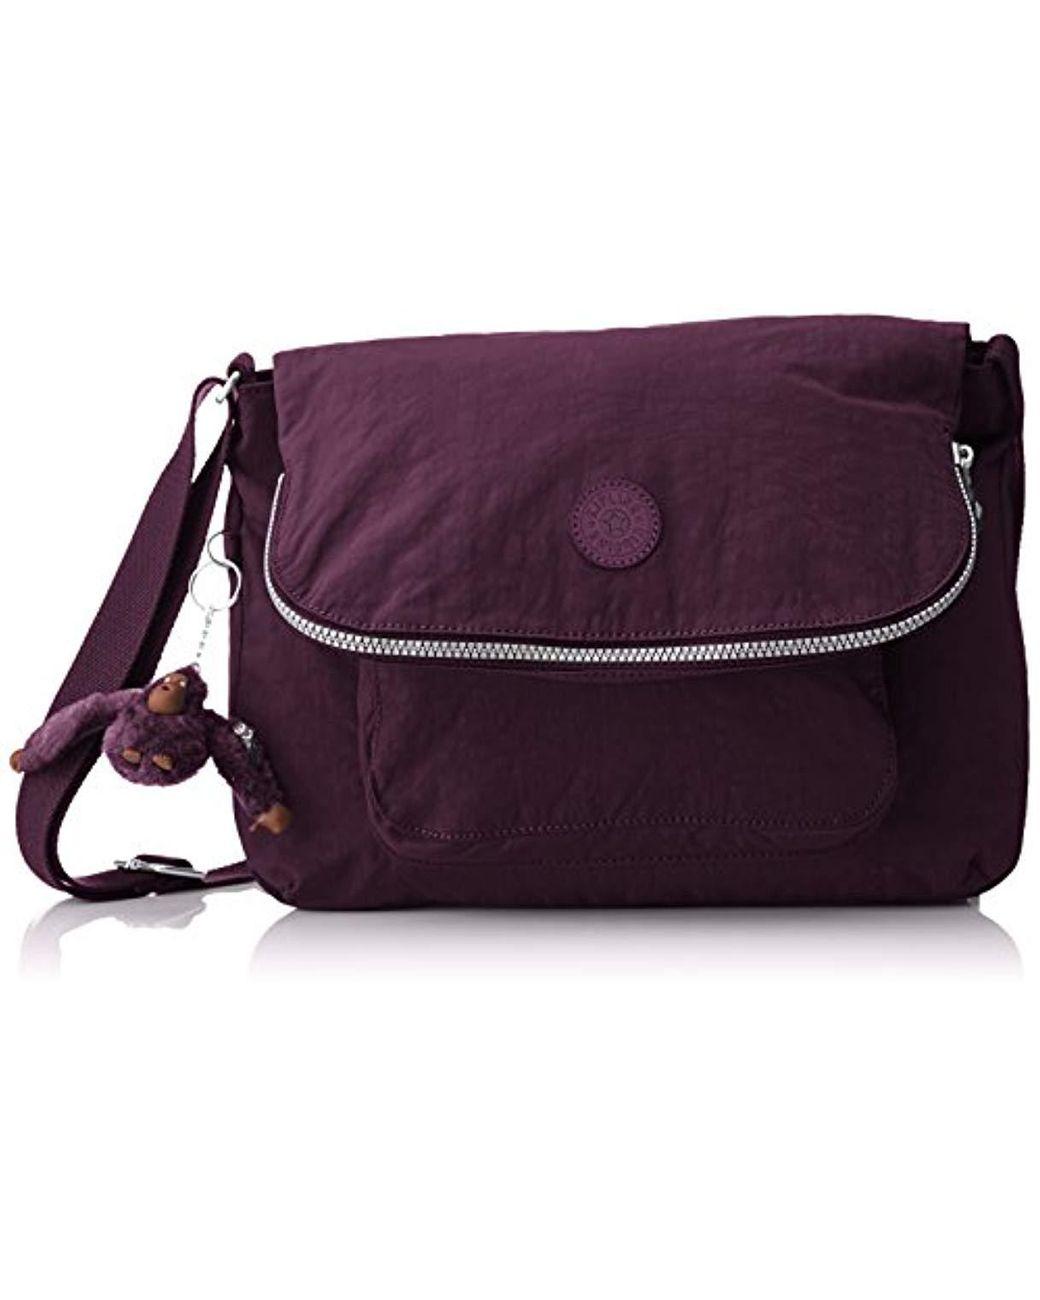 Sac Kipling bordeaux violet